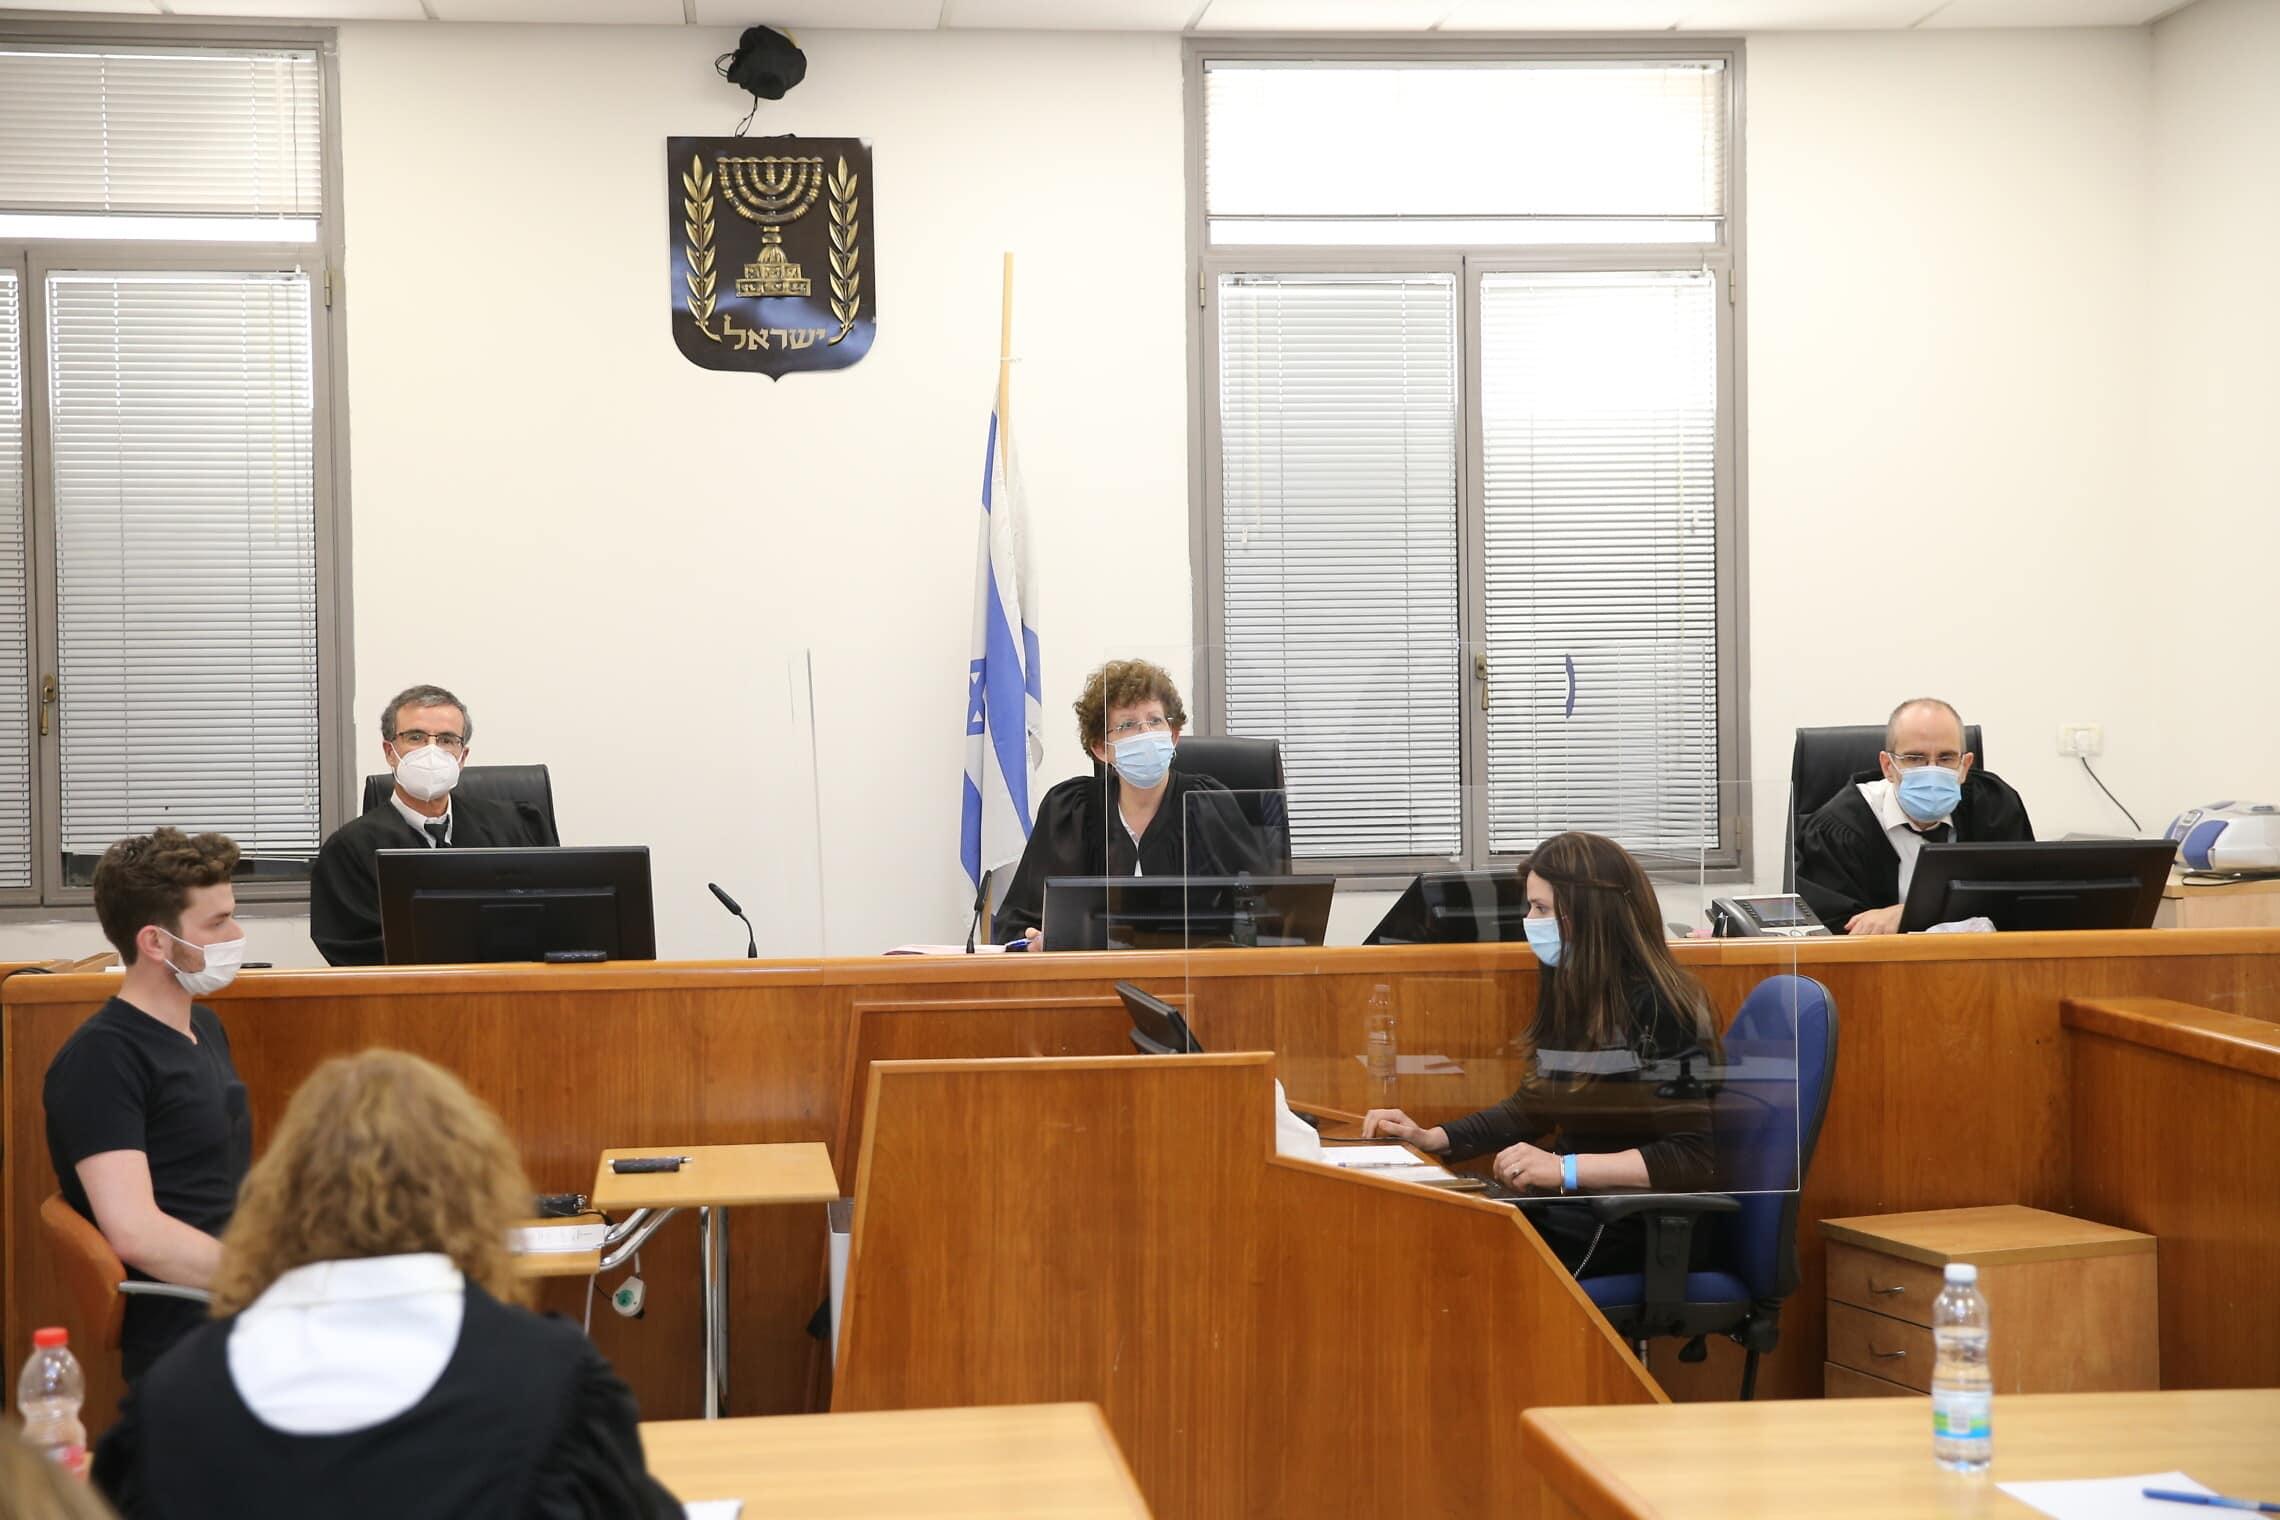 שופטי נתניהו – עודד שחם (מימין), רבקה פרידמן פלדמן ומשה בר-עם, בבית המשפט המחוזי ירושלים, ב-24 במאי 2020 (צילום: Amit Shabi/POOL)